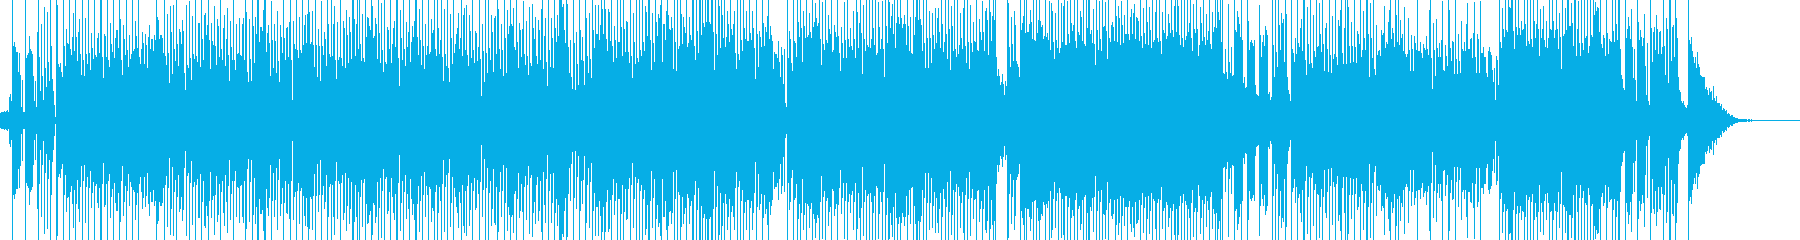 楽しく気分が弾むカントリー Cの再生済みの波形